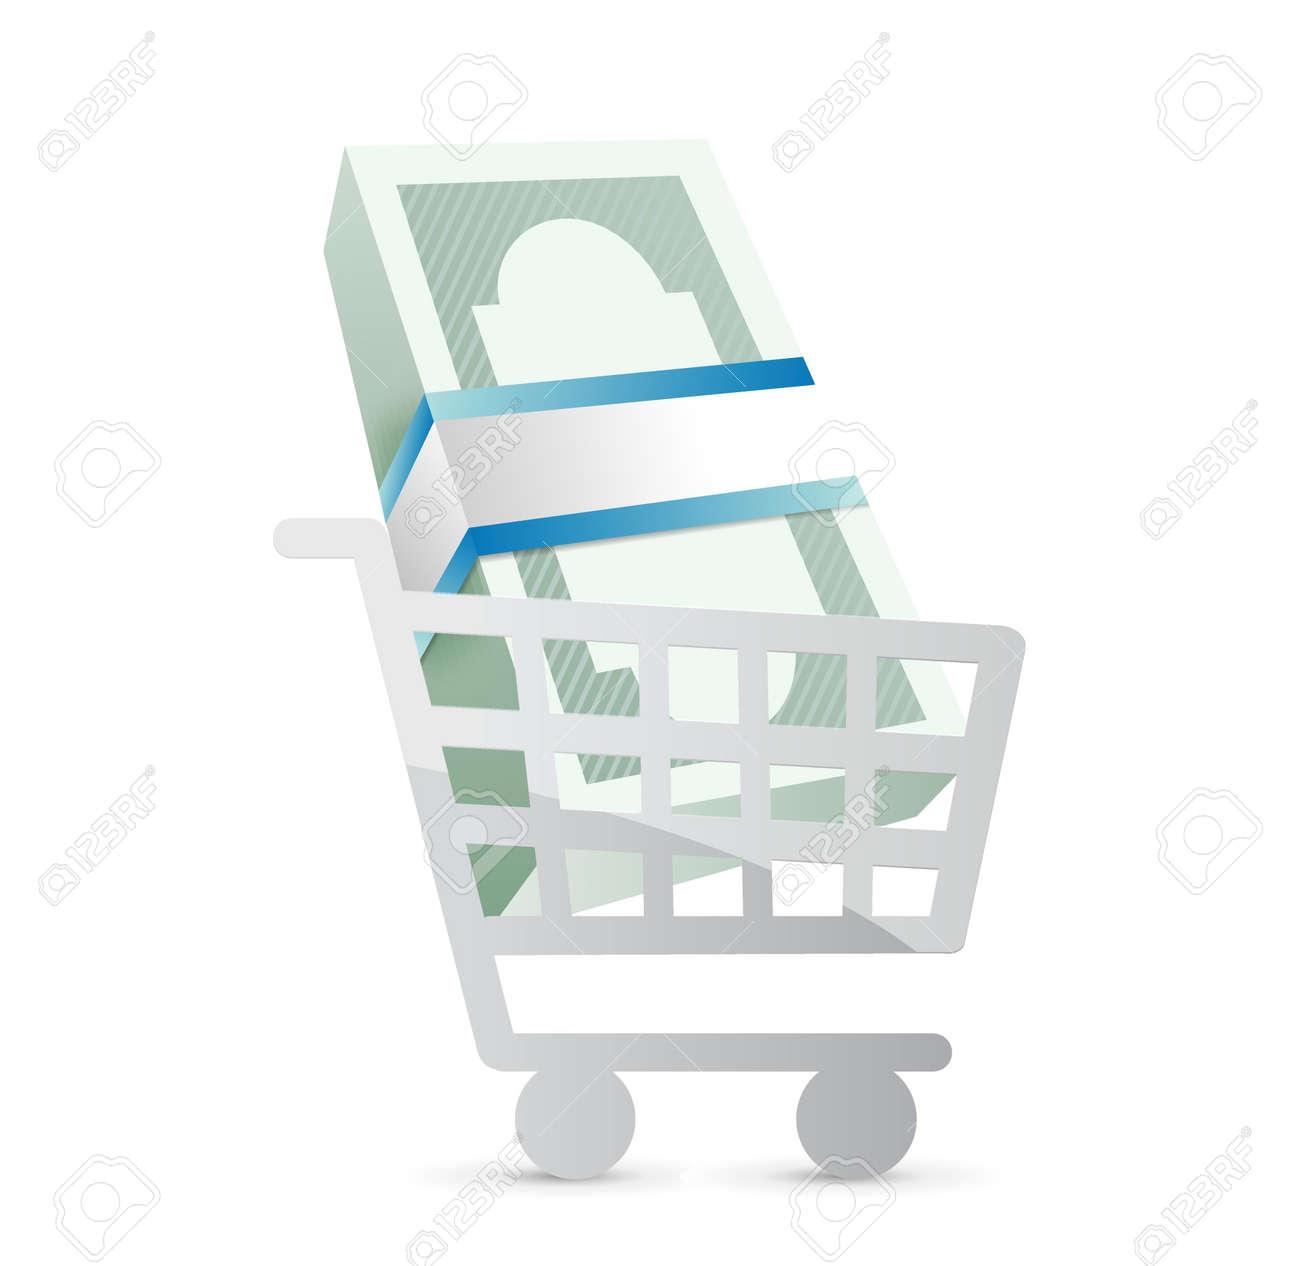 ショッピング カート イラスト デザイン白い背景上のビジネスの